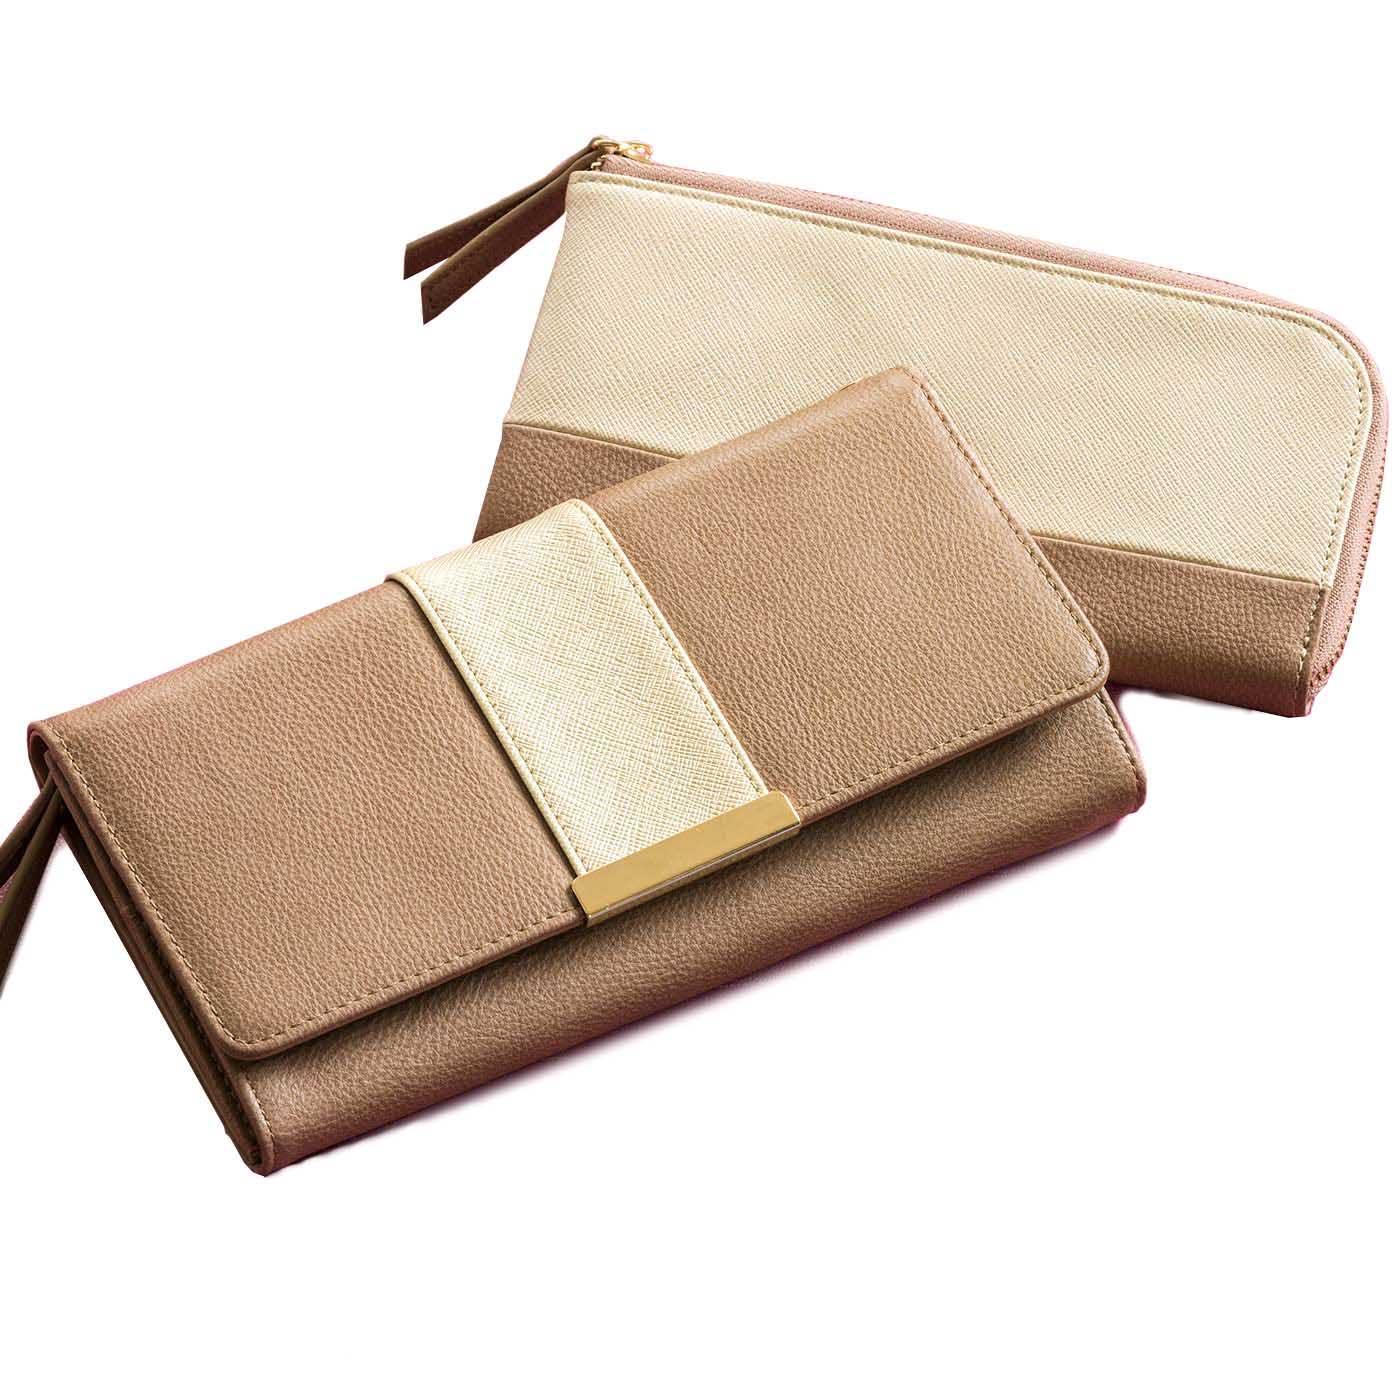 フラップ付き・ファスナータイプの財布2個セット。